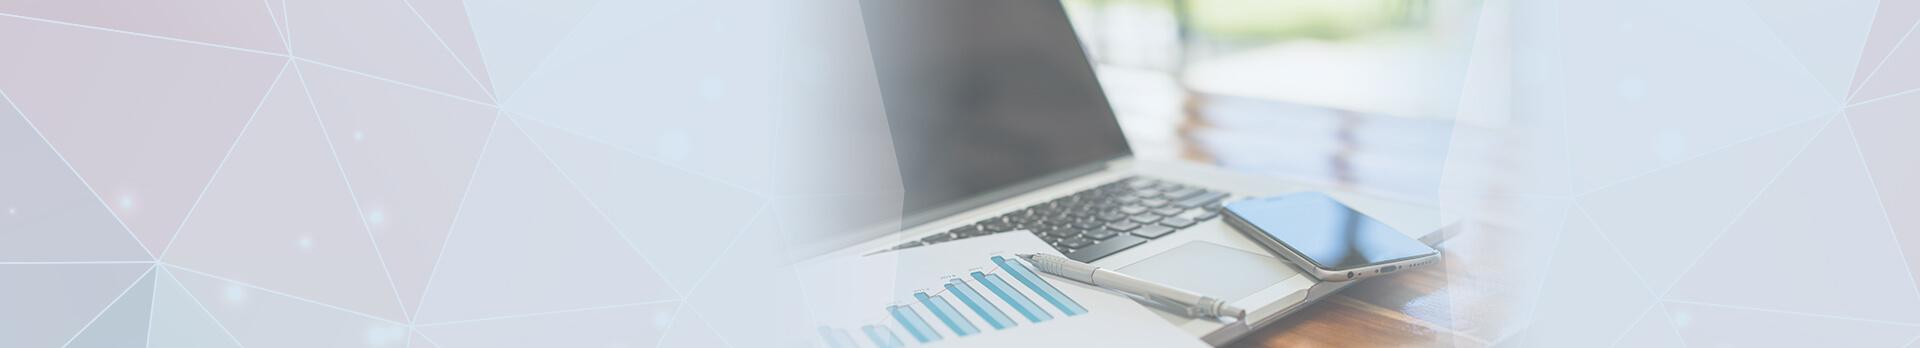 Webstudio Friendly занимается оптимизацией и продвижением сайтов